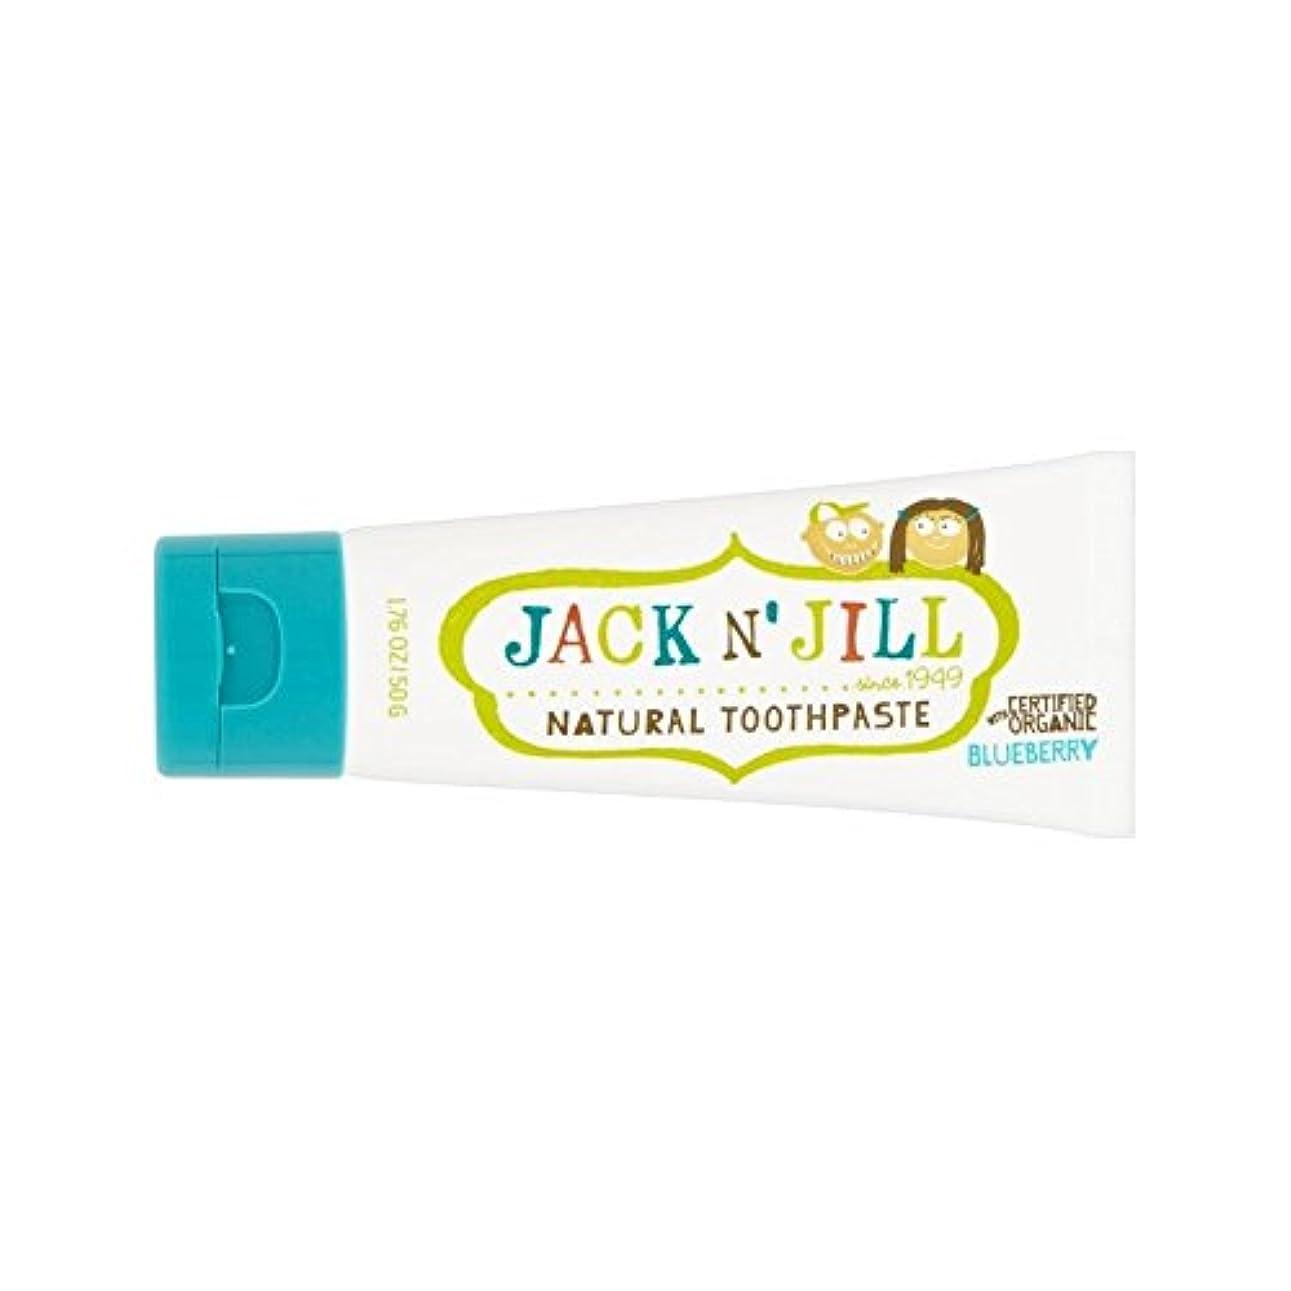 鉄配列ファシズム有機香味50グラムとの自然なブルーベリー歯磨き粉 (Jack N Jill) - Jack N' Jill Blueberry Toothpaste Natural with Organic Flavouring 50g...